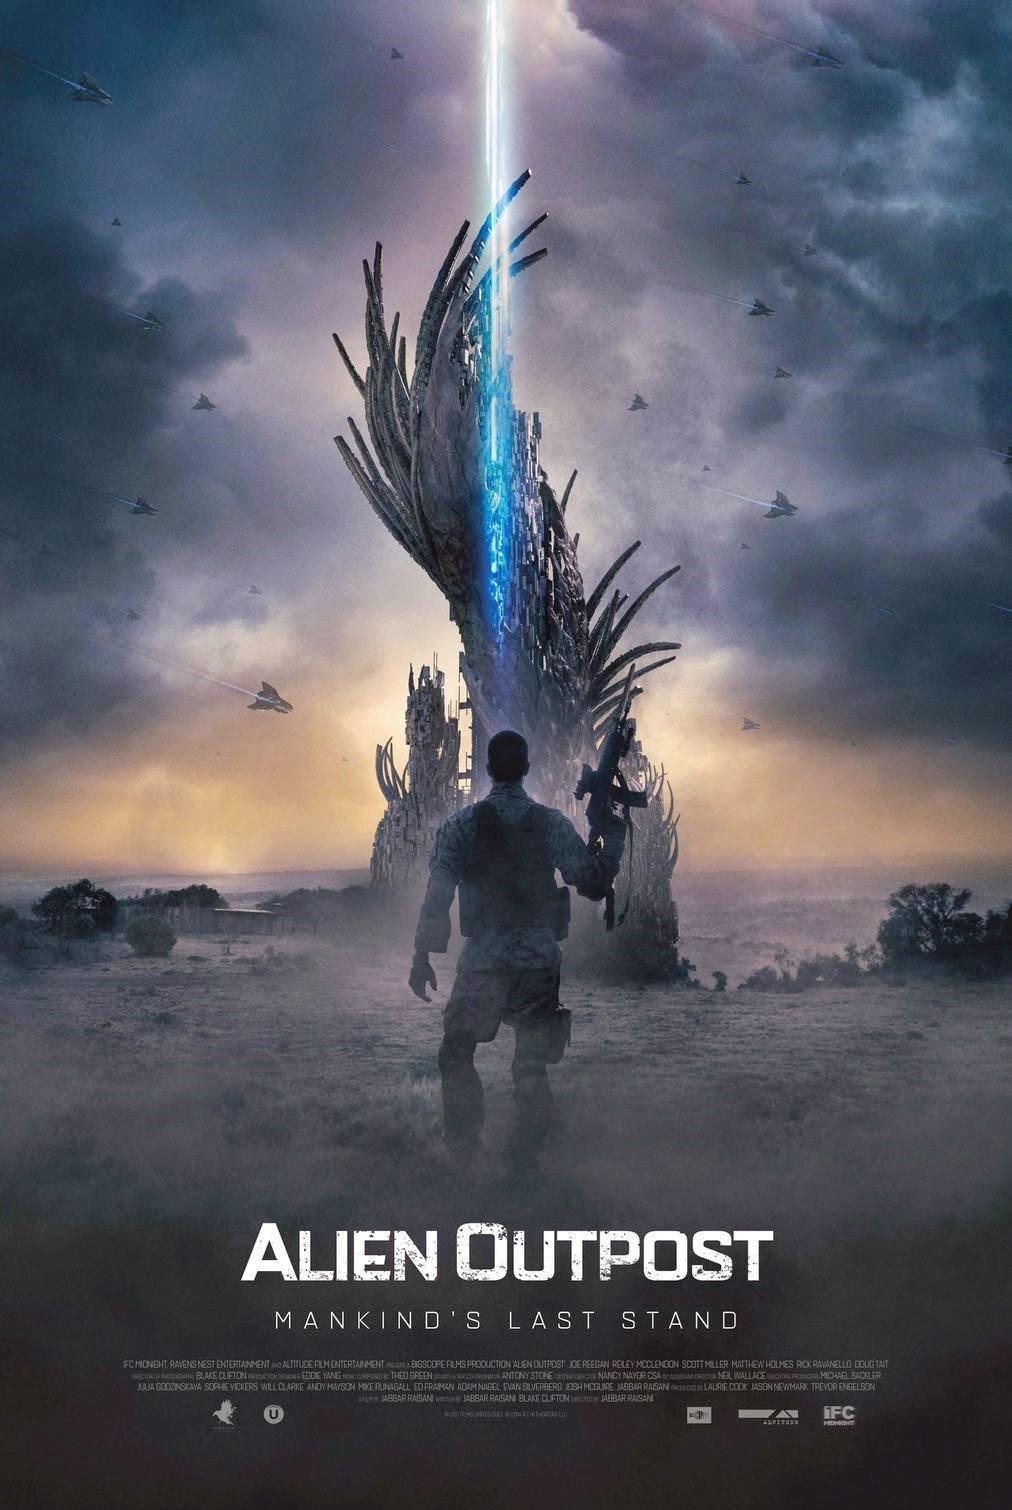 Alien Outpost 37 สงครามมฤตยูต่างโลก [HD][พากย์ไทย]